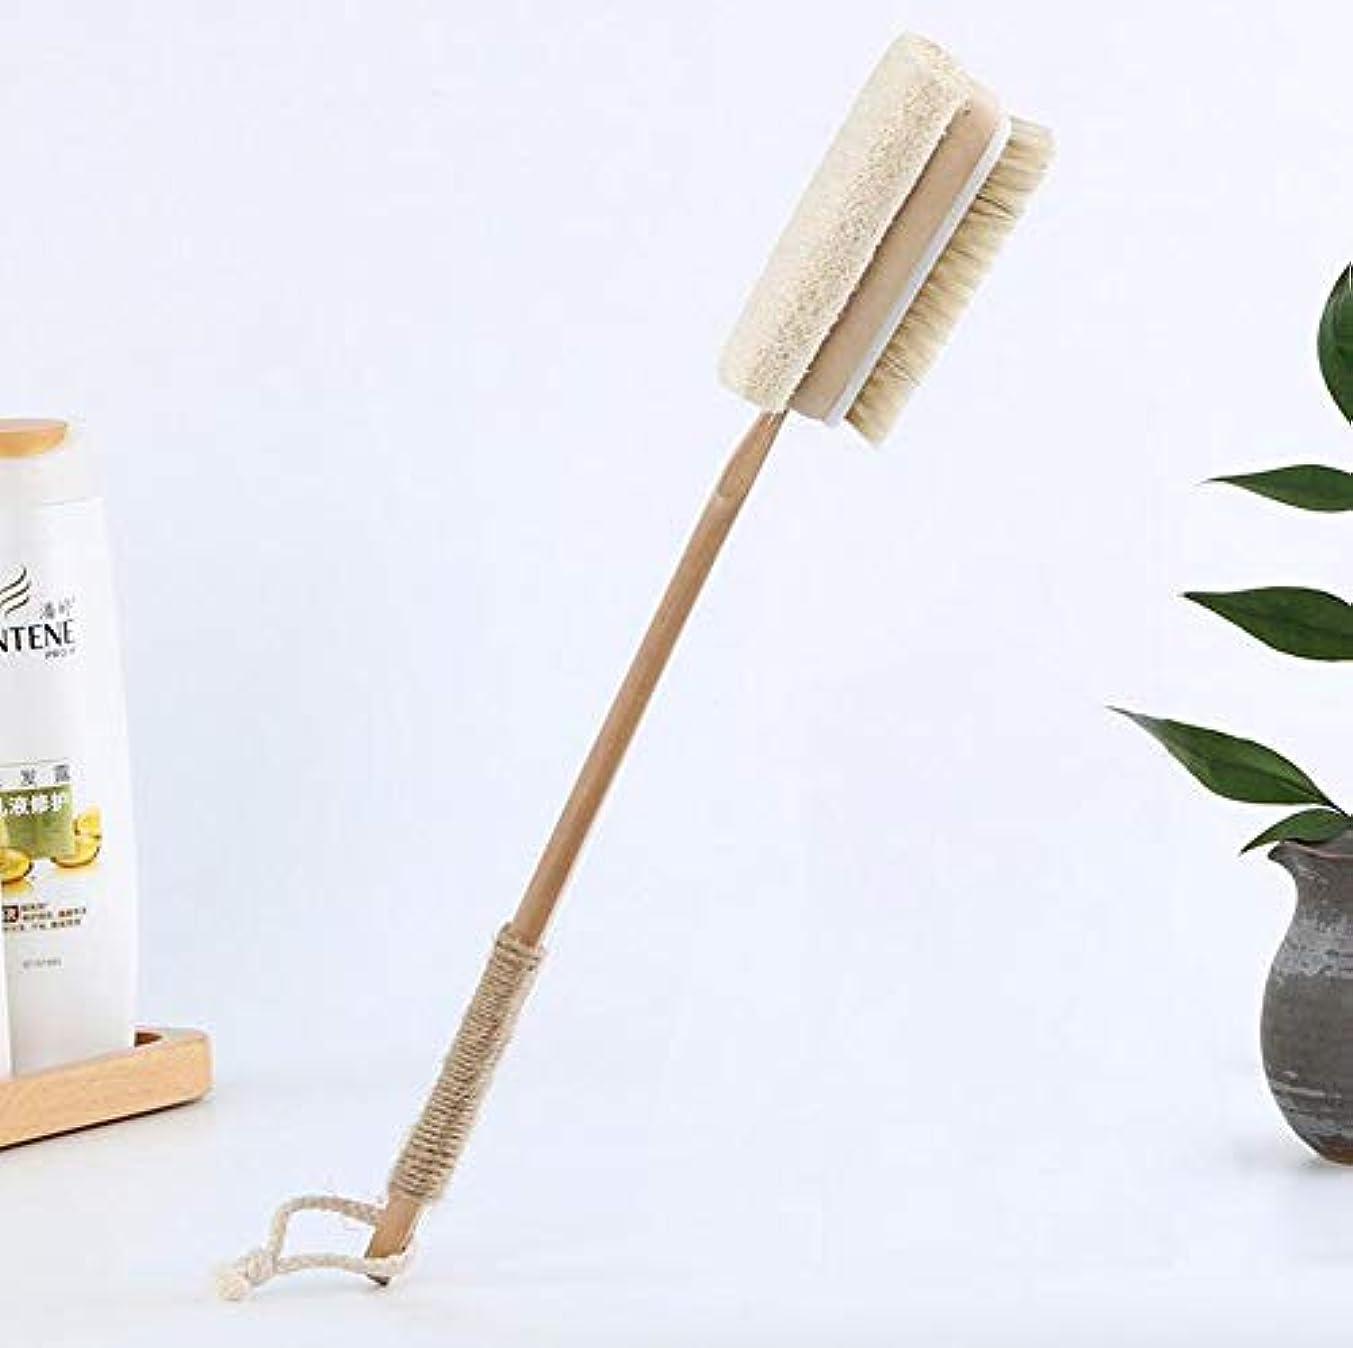 袋破滅的な人種バスブラシ、長い木製ハンドルドライブラシボディブラシバスブラシ長いハンドル、皮膚やセルライトを剥離するため、ウェットまたはドライ使用